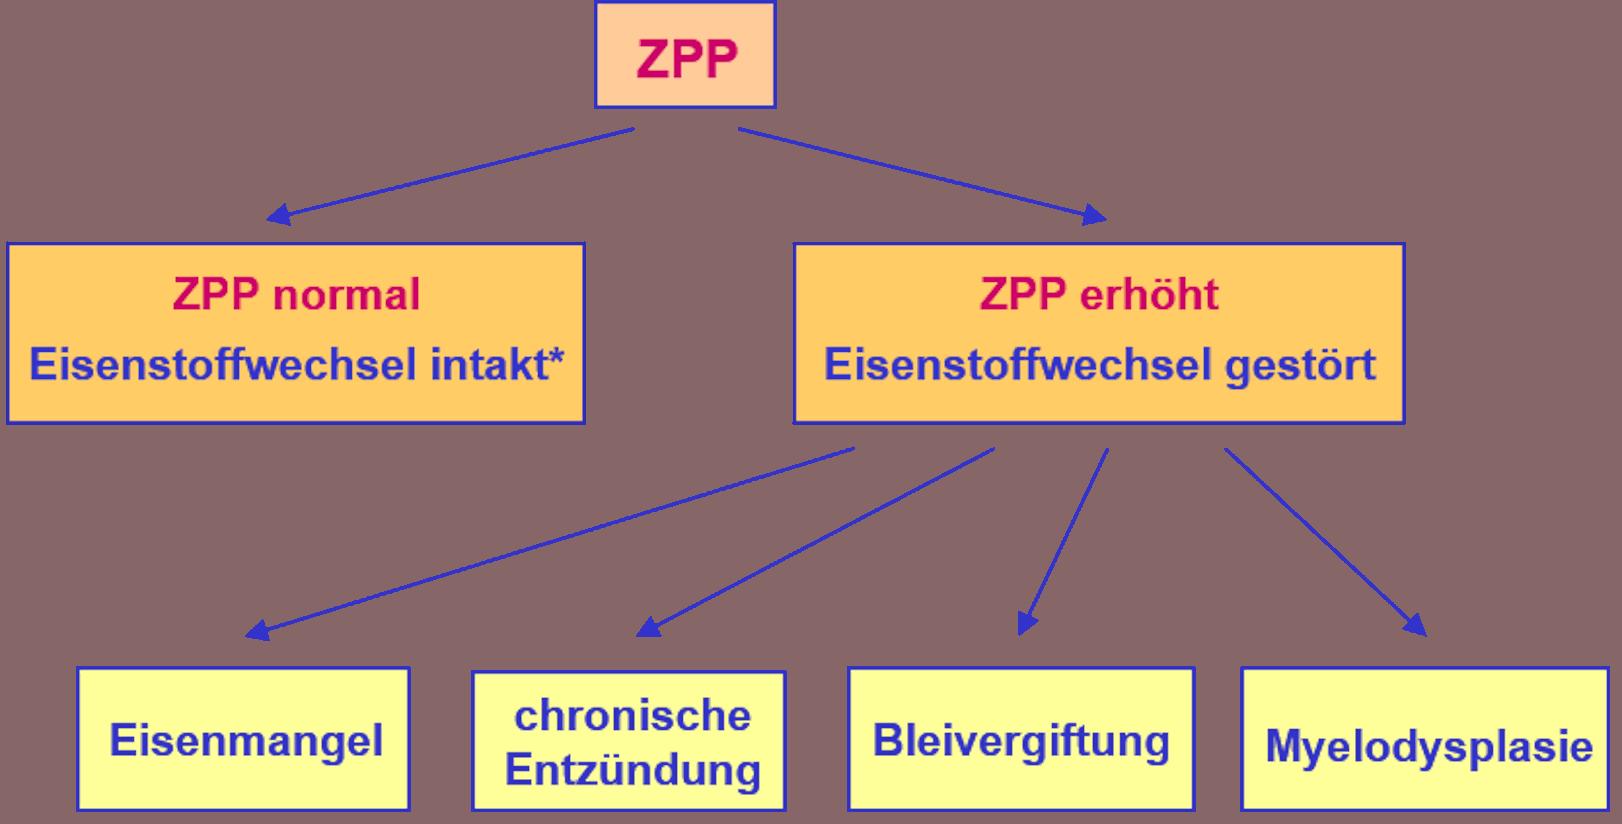 ZPP als Screeningparameter des Eisenstoffwechsels